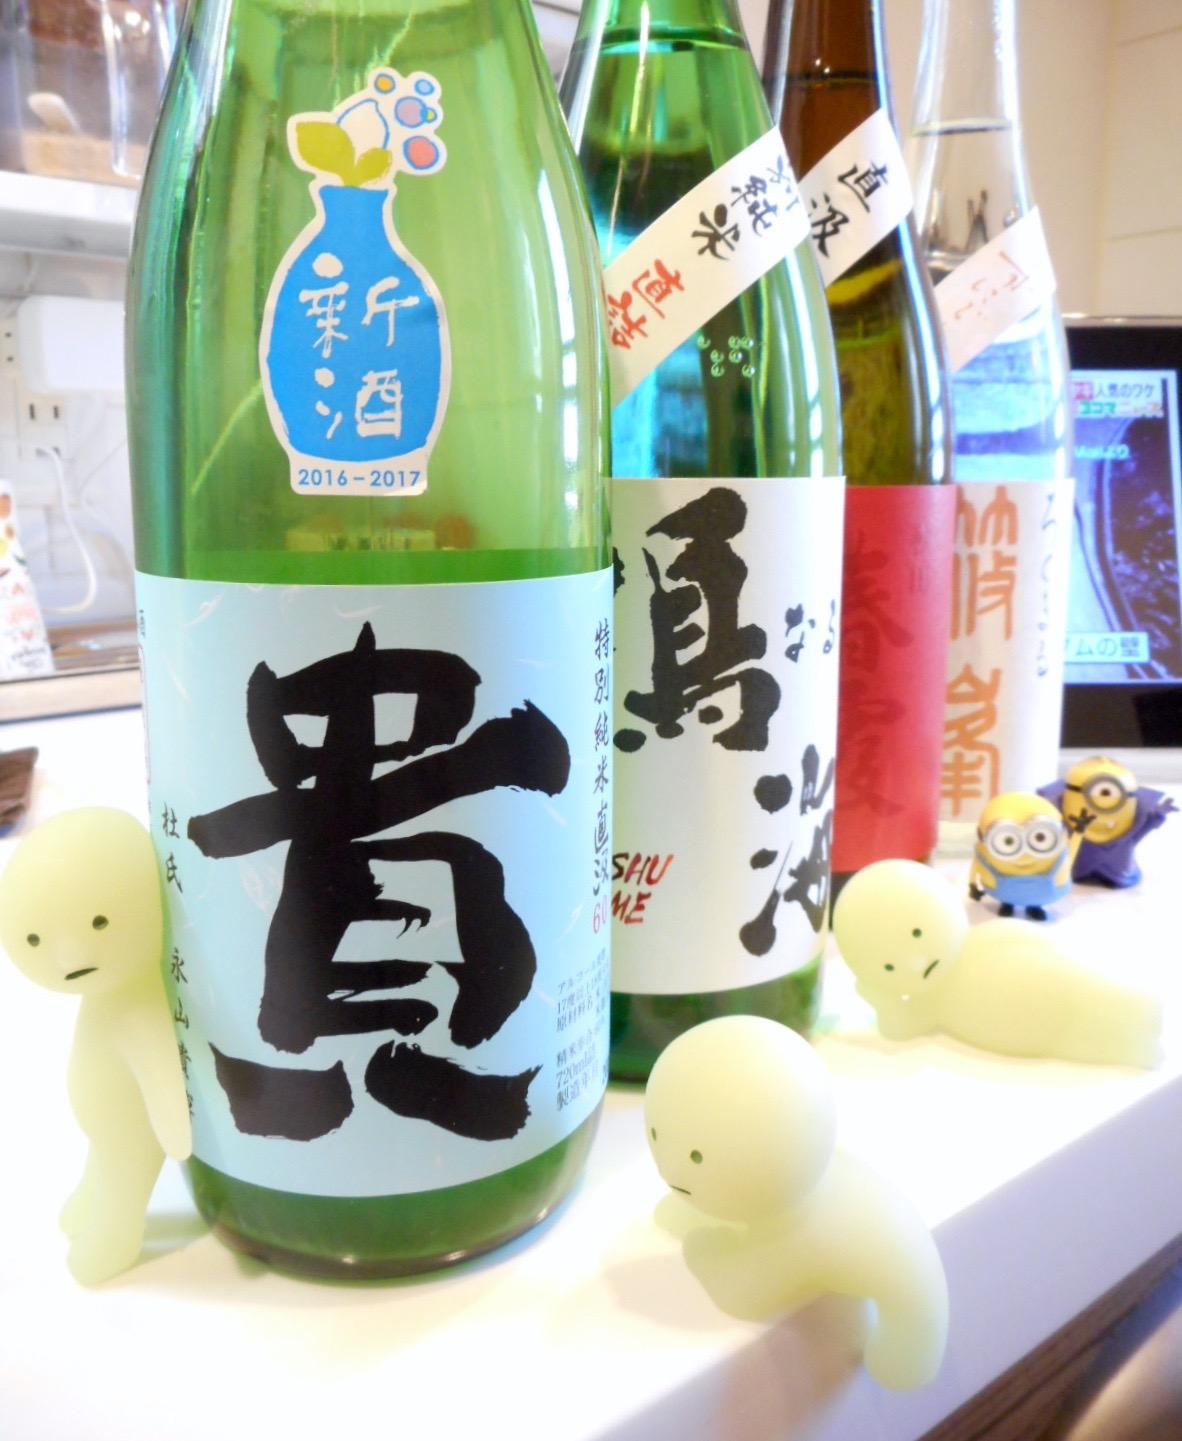 taka_shinshu28by1.jpg